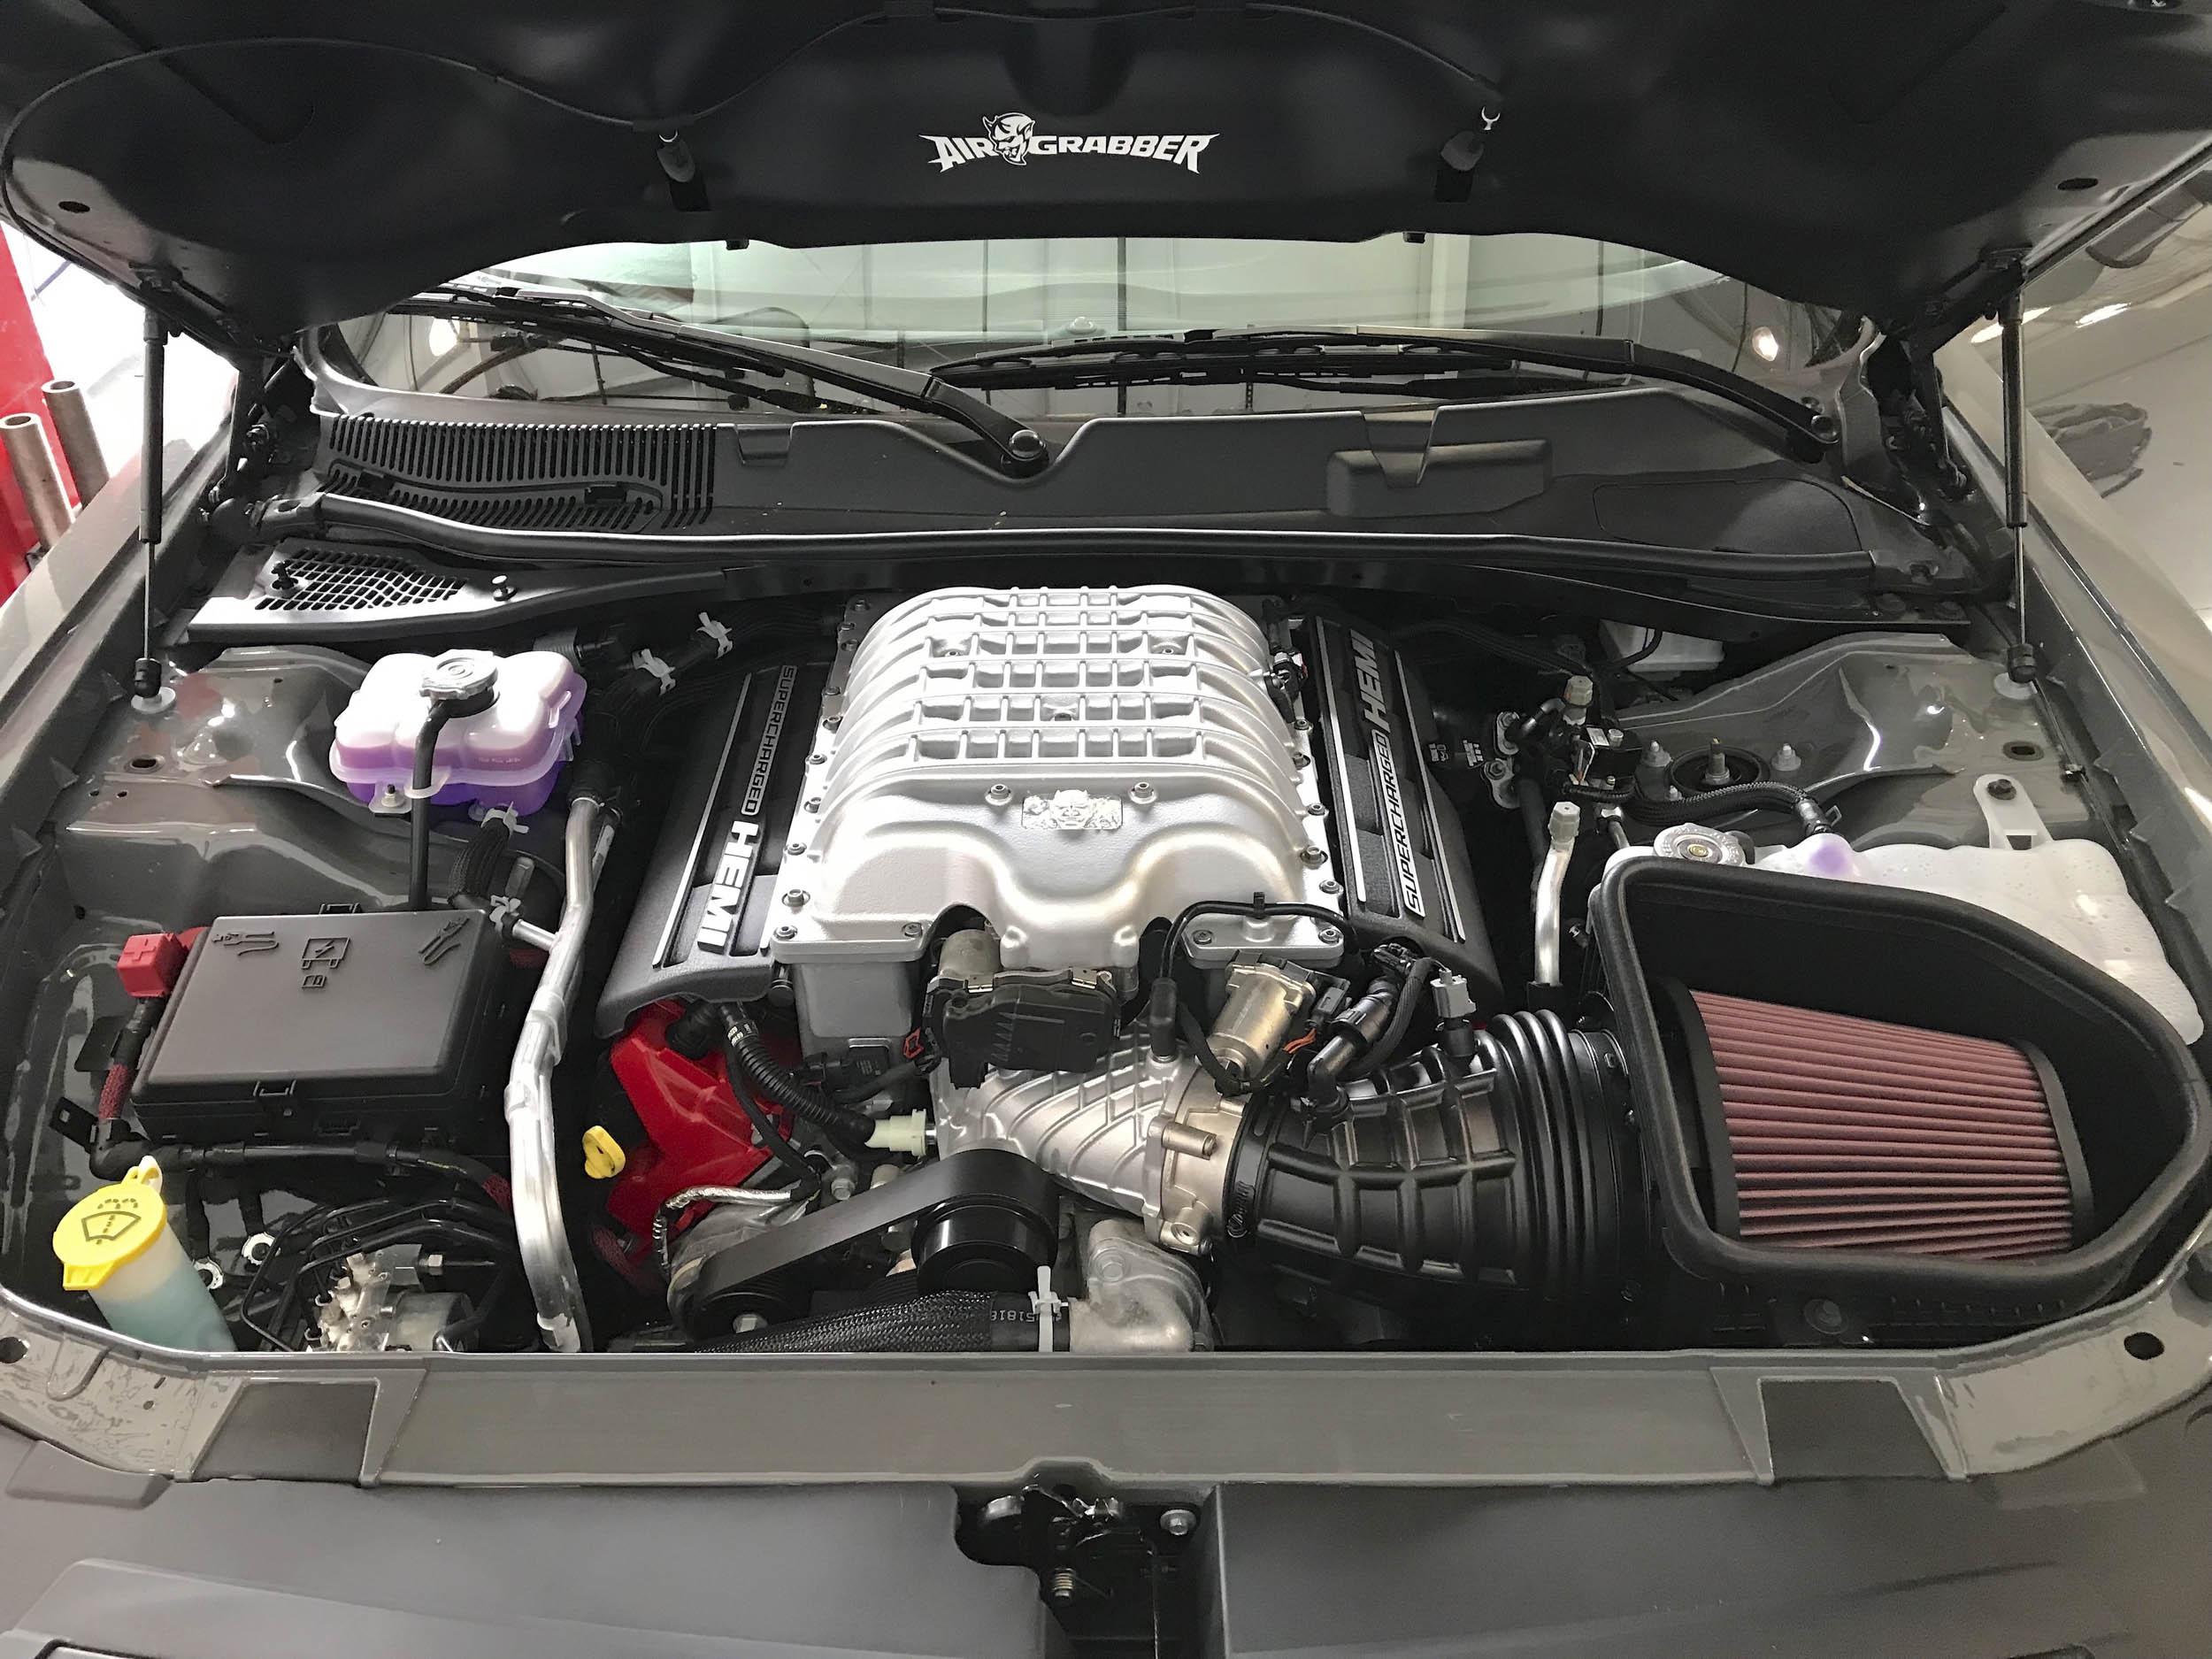 2018 Dodge Challenger SRT Demon engine bay